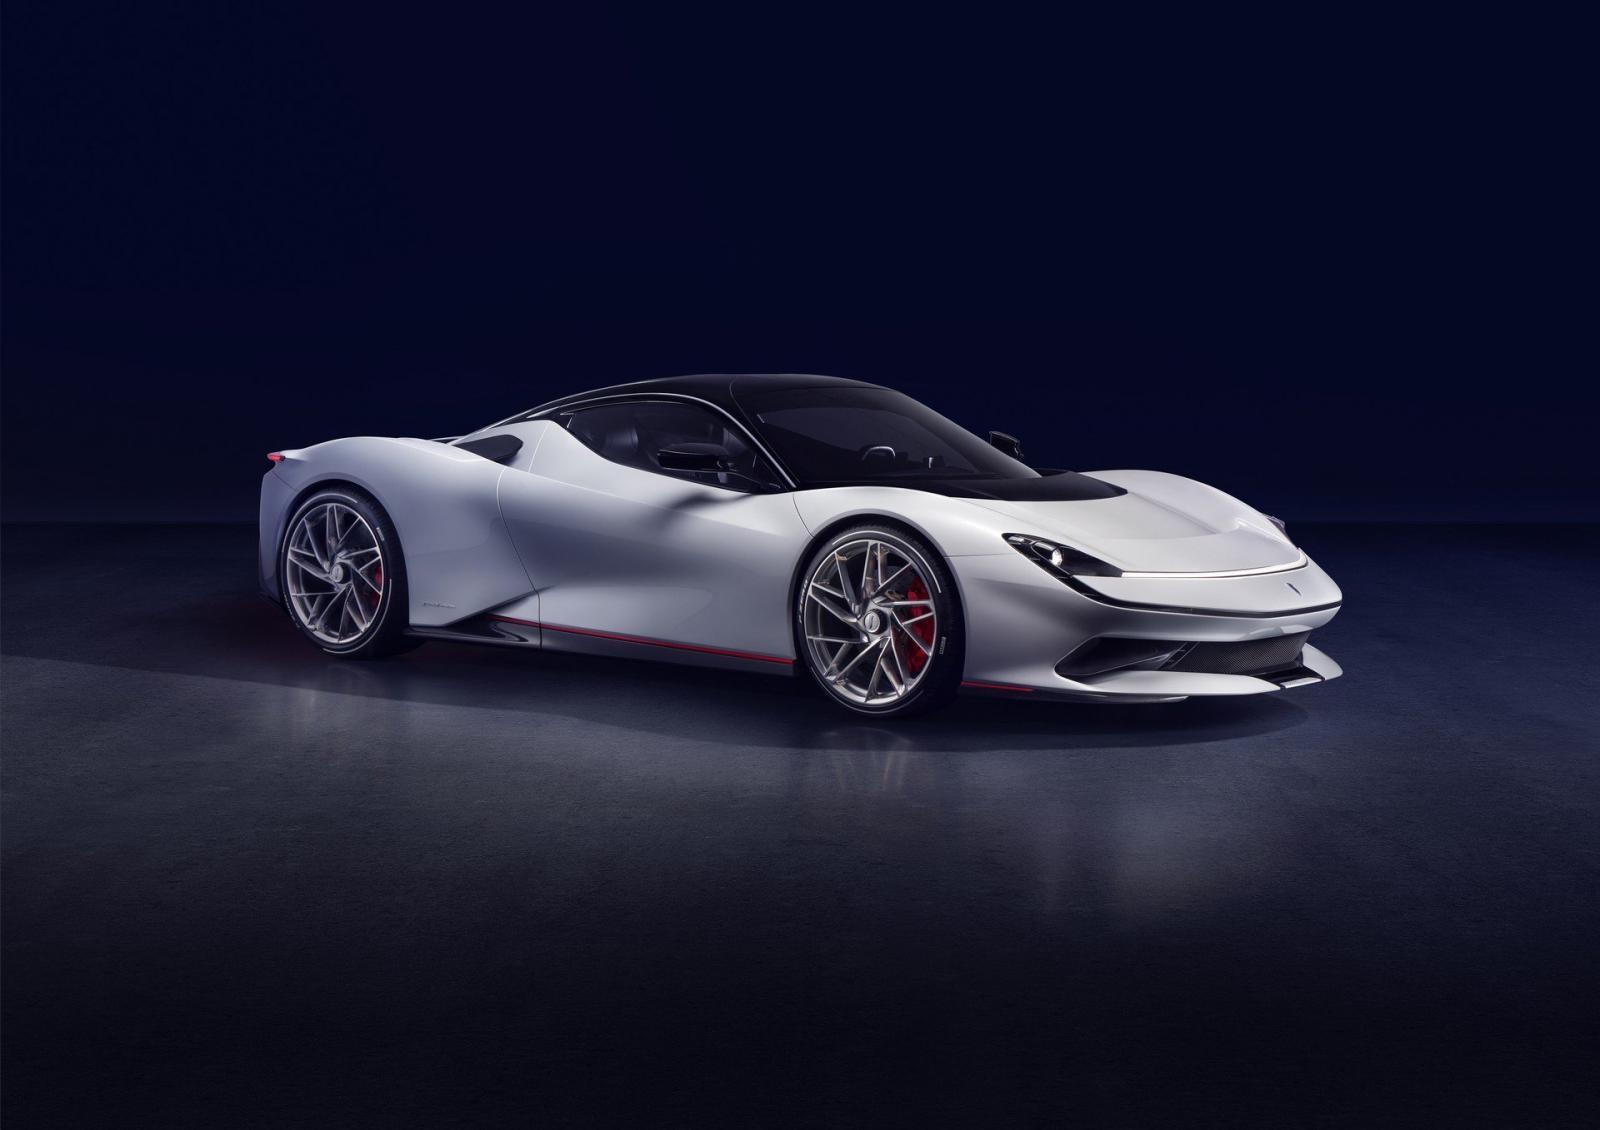 Automobili Pininfarina Battista sẽ được trưng bày ở sự kiện Geneva 2019 tuần này